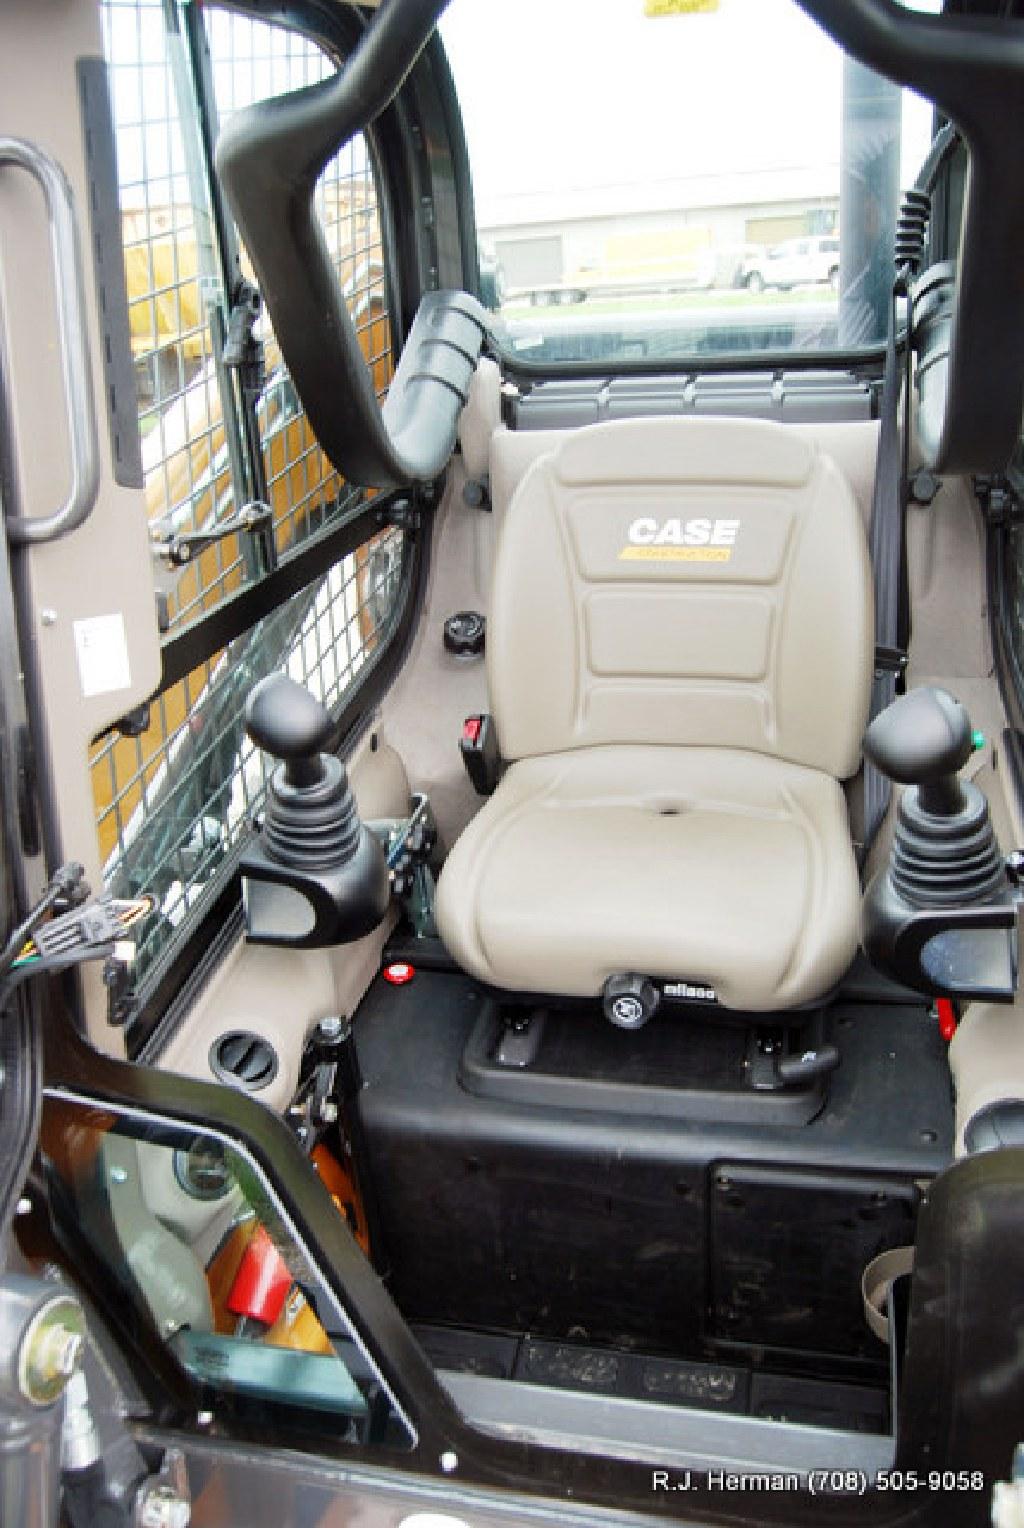 2017 Case SV280 Skid Steers